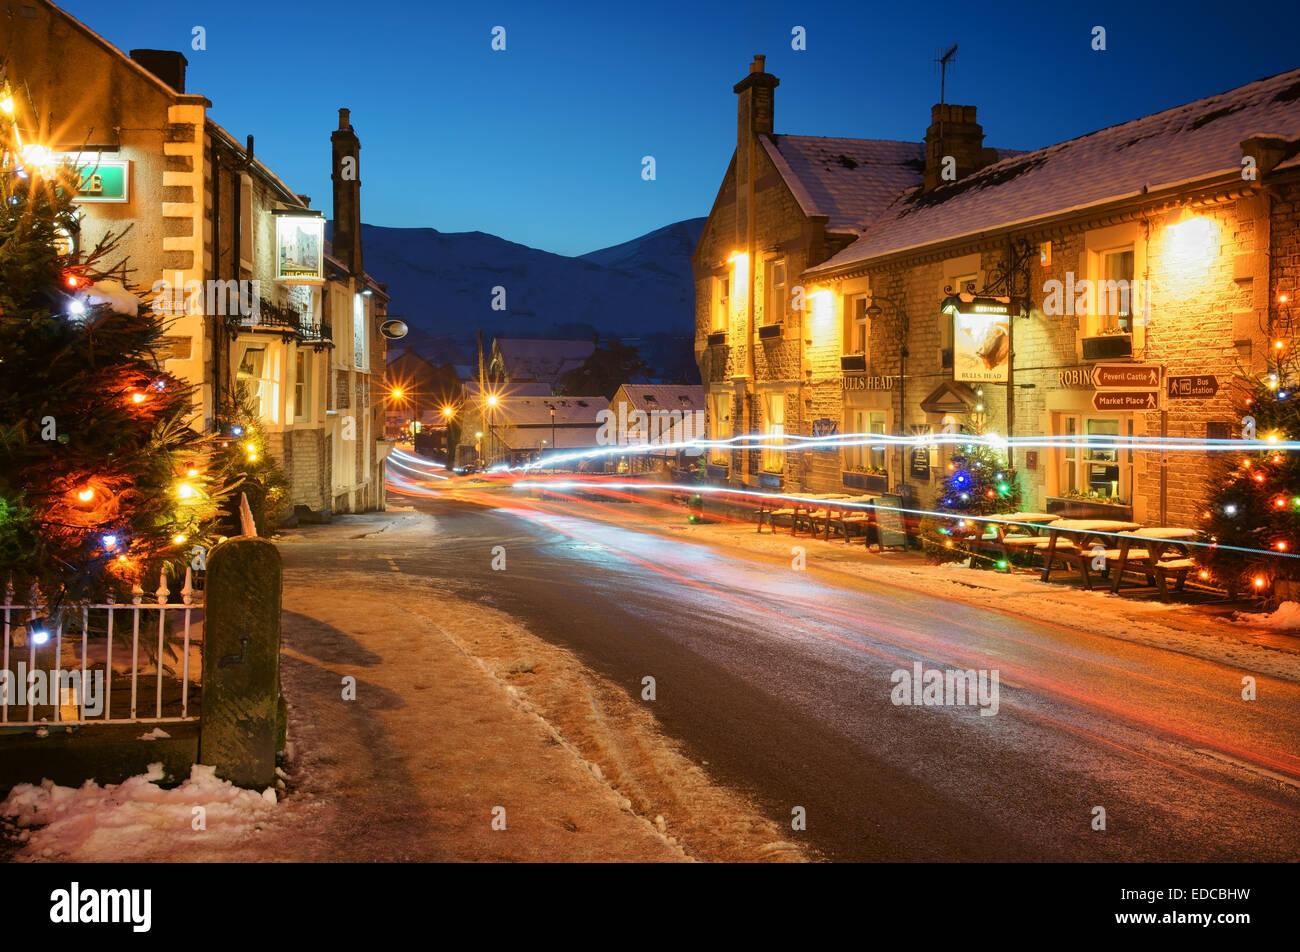 UK,Derbyshire,Peak District,Castleton,Christmas Lights with Mam Tor ...